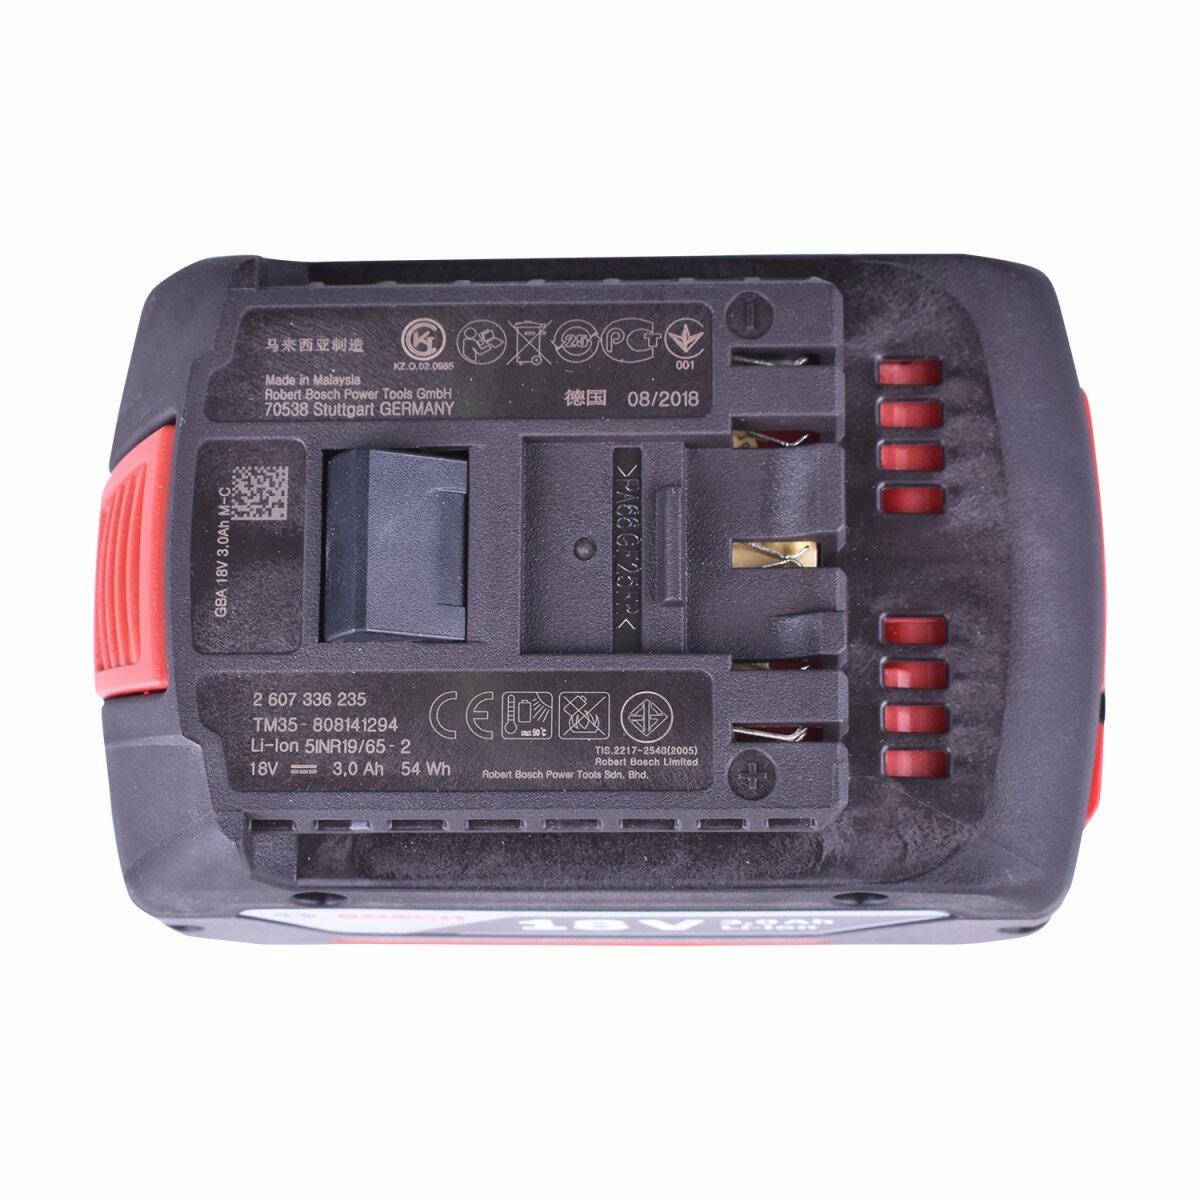 Aspirador de Pó Portátil Gas18V-1 + Serra Sabre 18V GSA18V-LI + Carregador com 2 Baterias 18V + Bolsa Para Ferramentas Bosch